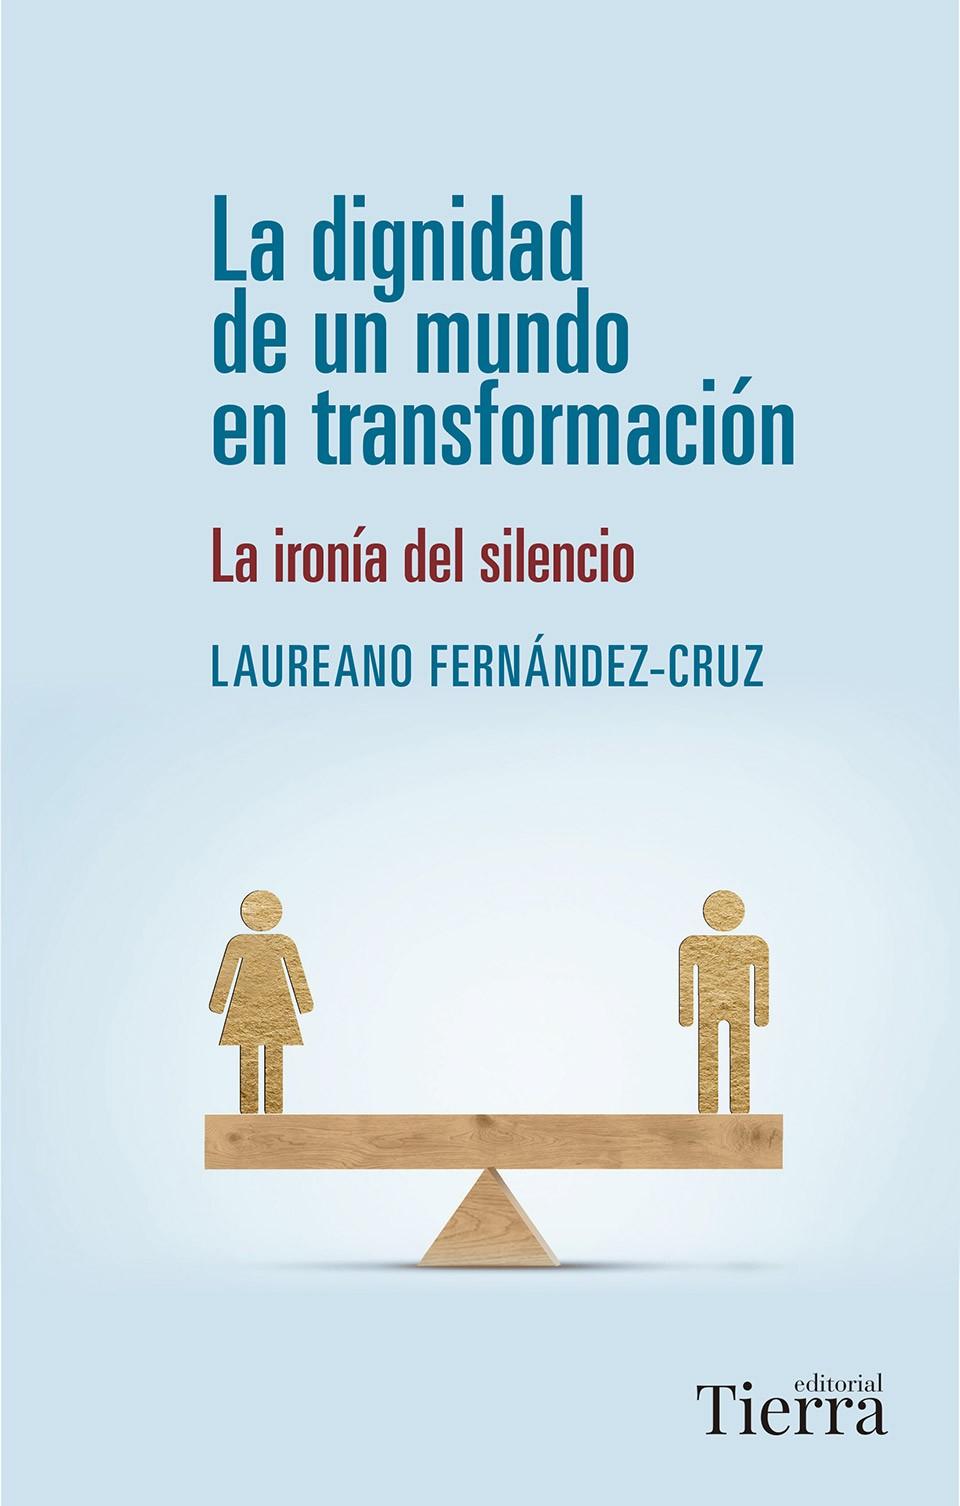 La dignidad de un mundo en transformación